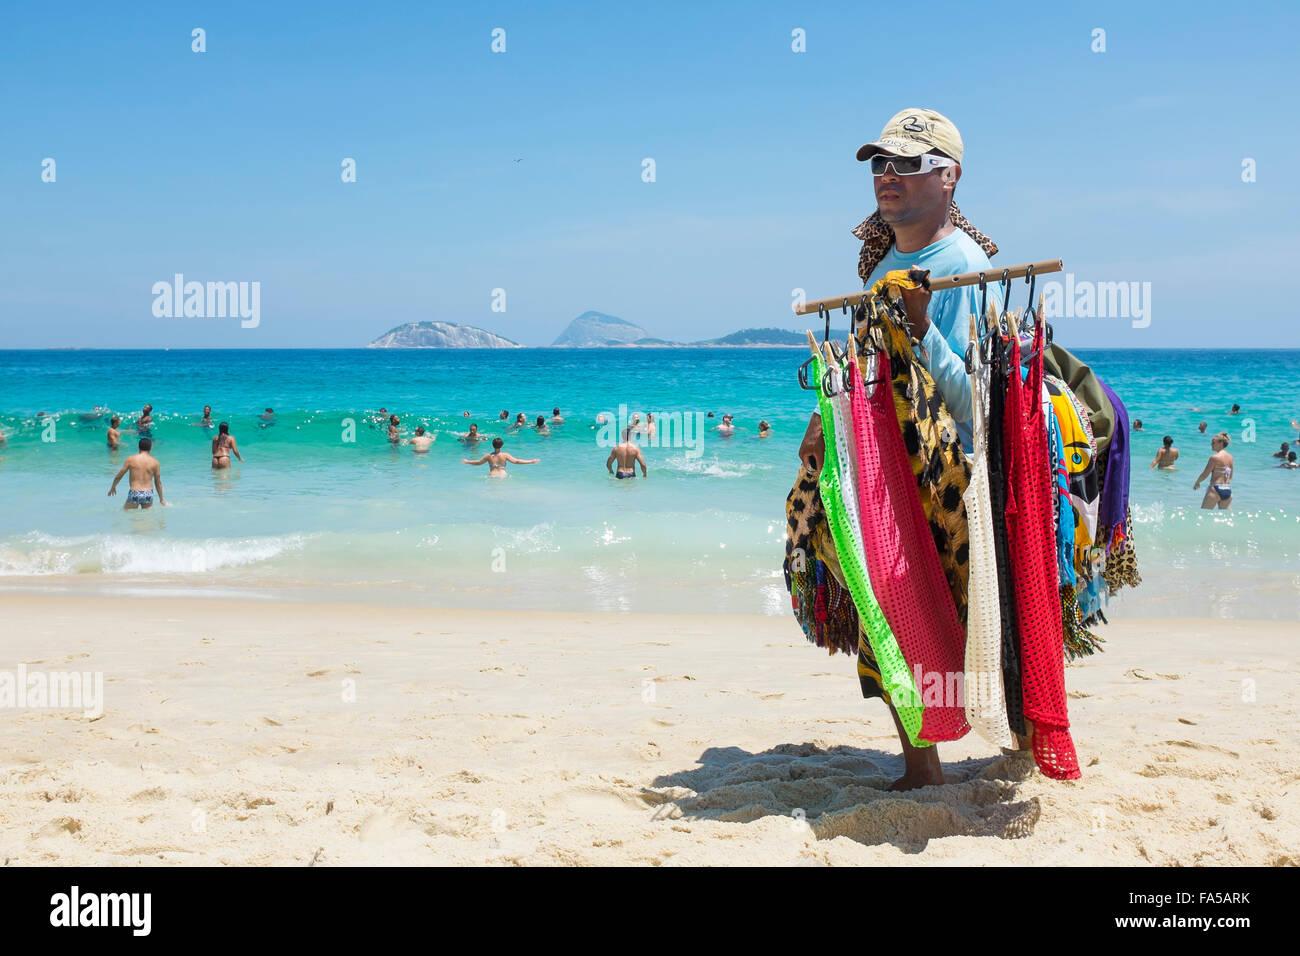 RIO DE JANEIRO, Brasile - 15 Marzo 2015: una spiaggia venditore a vendere vivacemente colorato kanga sarong trasporta Immagini Stock